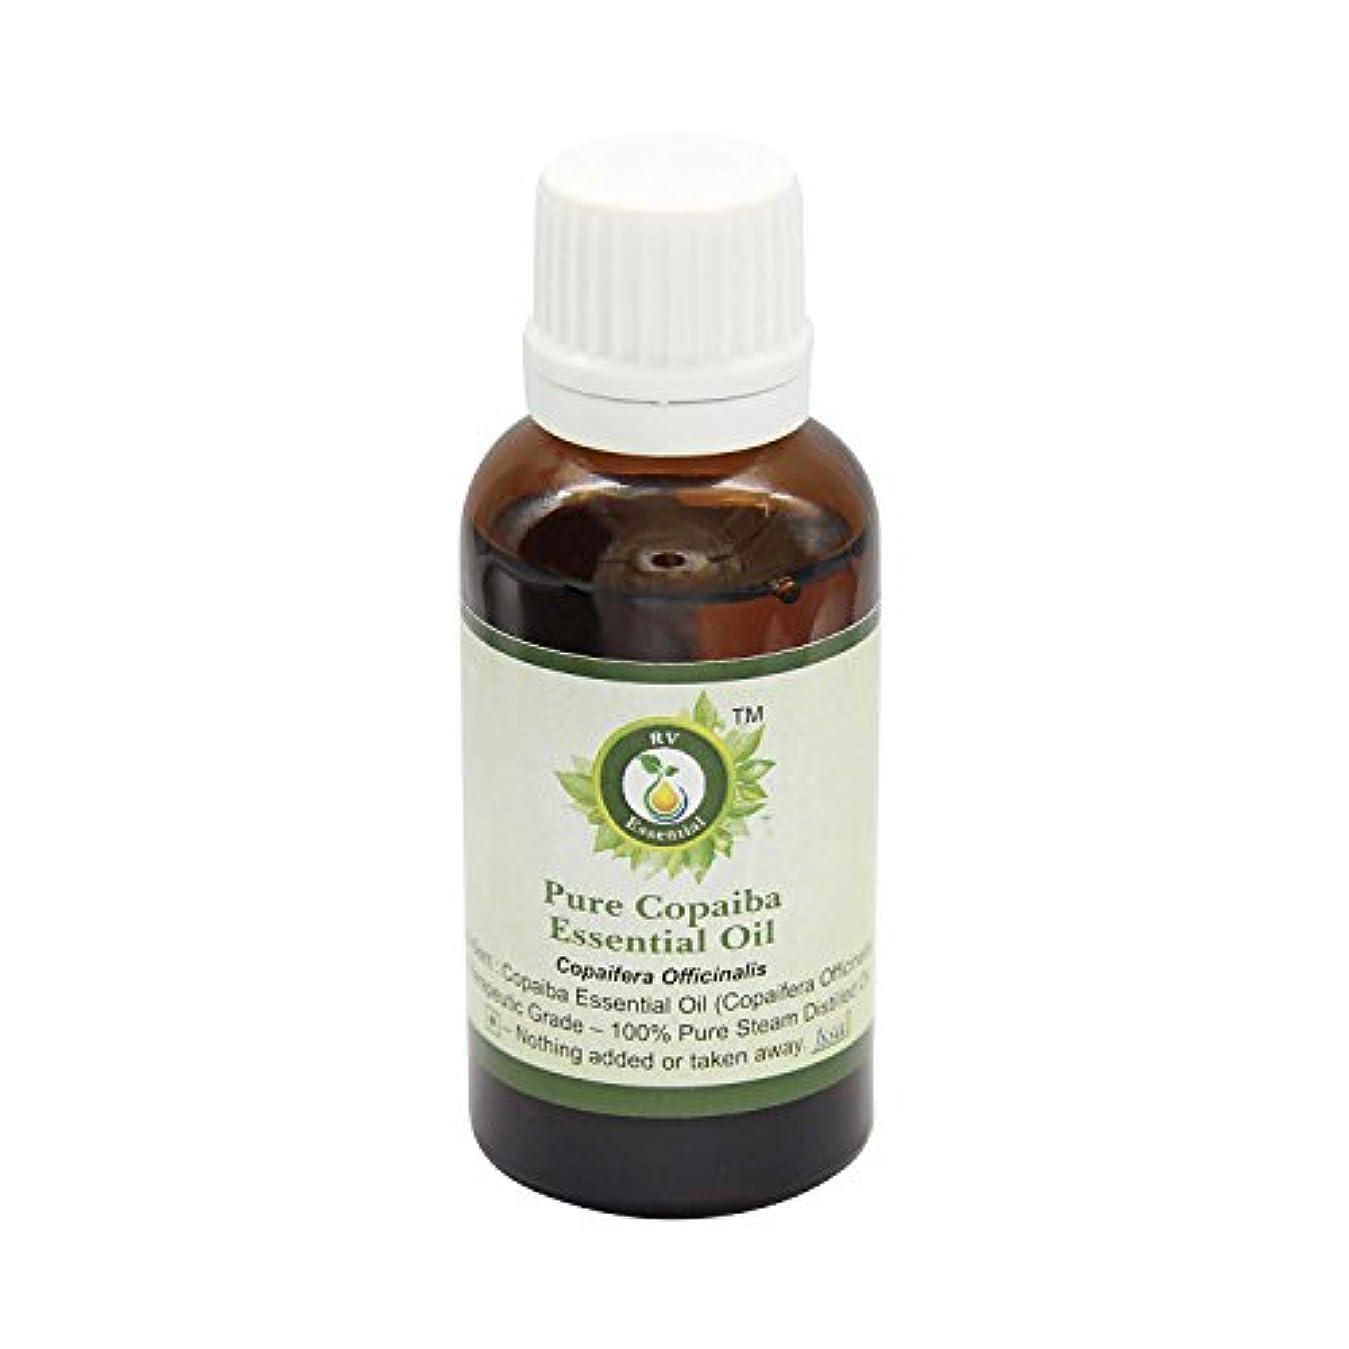 矩形魅力的ランダムR V Essential ピュアコパイバエッセンシャルオイル15ml (0.507oz)- Copaifera Officinalis (100%純粋&天然スチームDistilled) Pure Copaiba Essential...